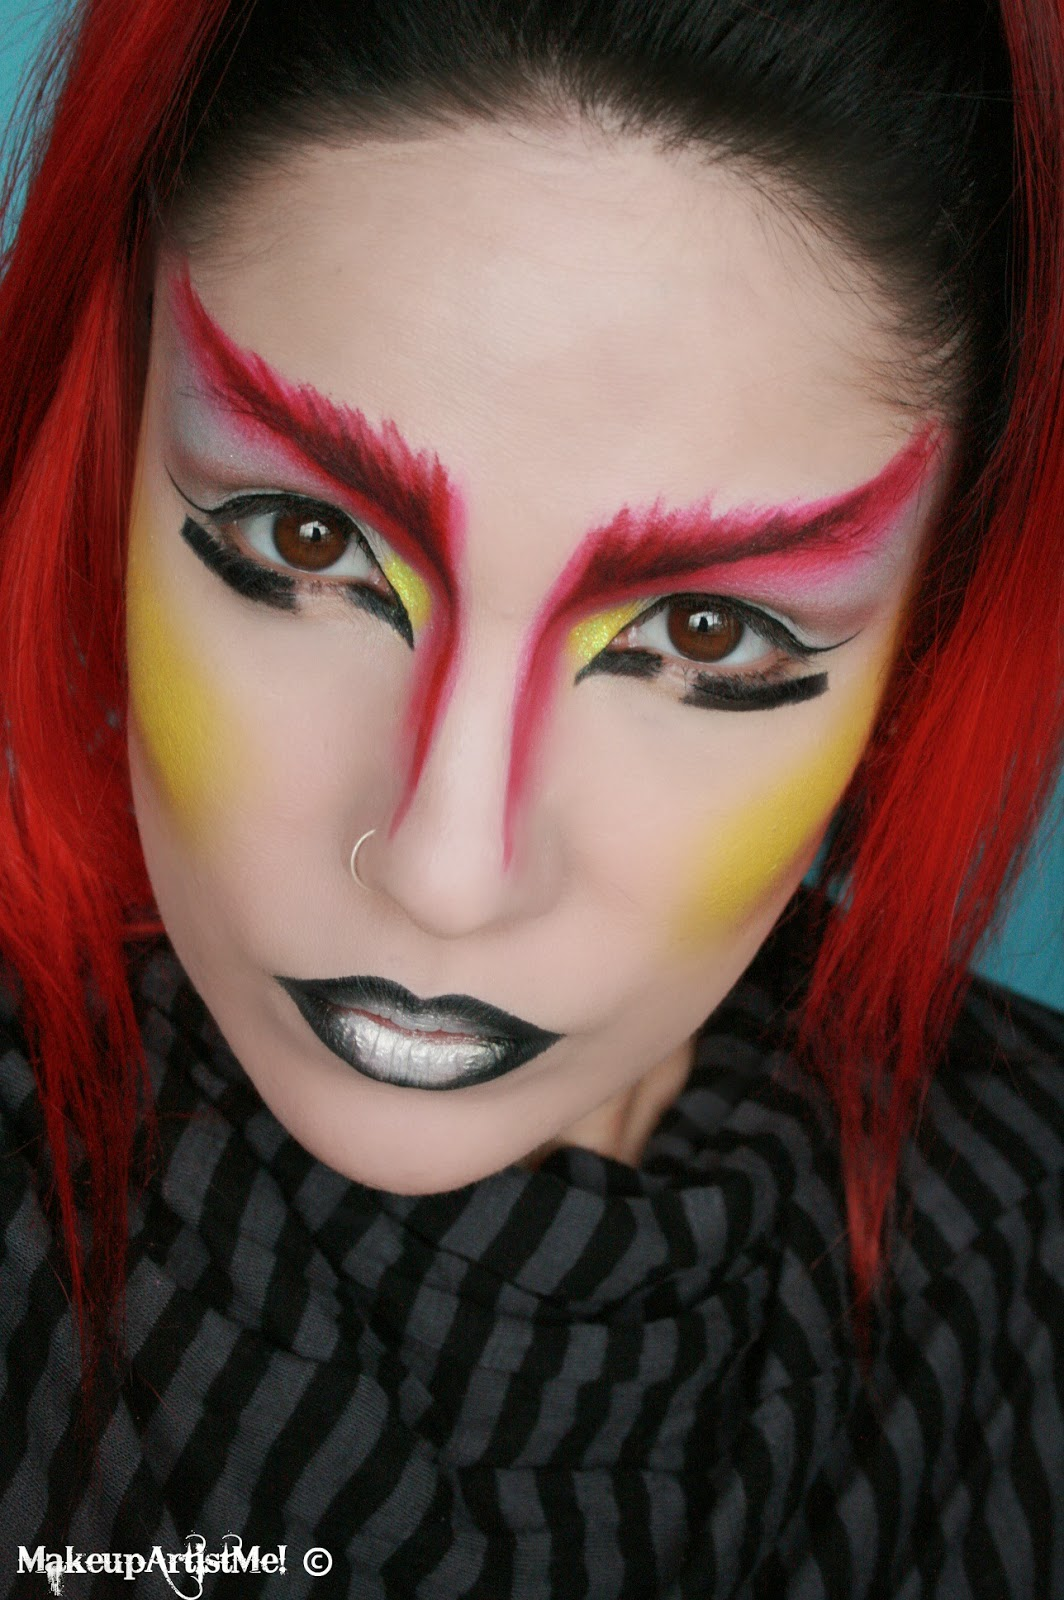 Make-up Artist Me!: Warrior -- An Artistic Makeup Look